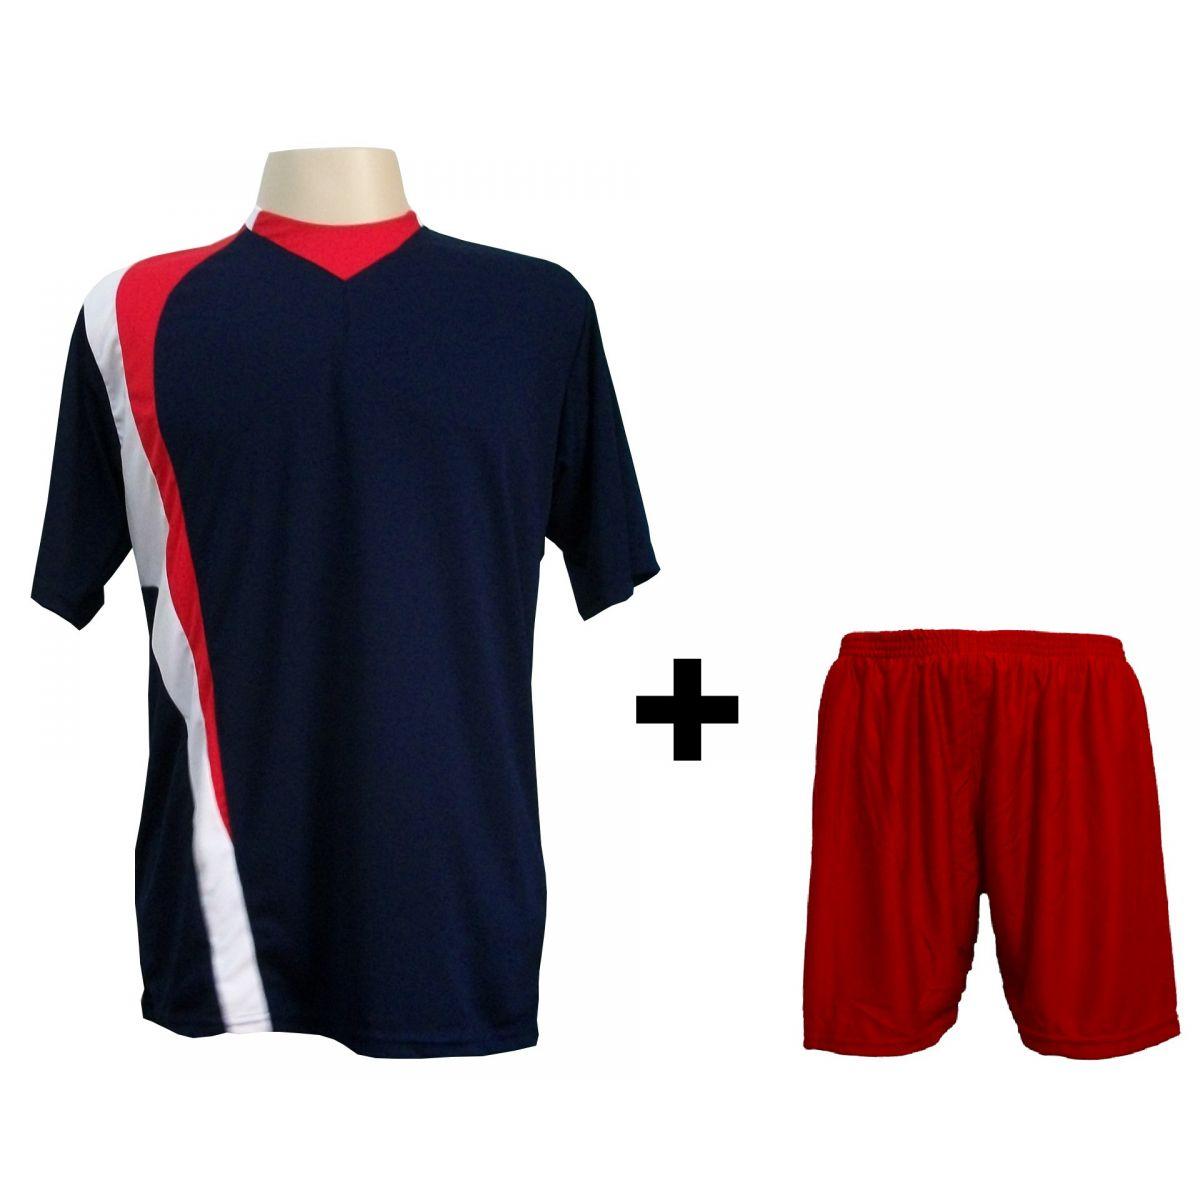 a98d418b0e Jogo de Camisas de futebol